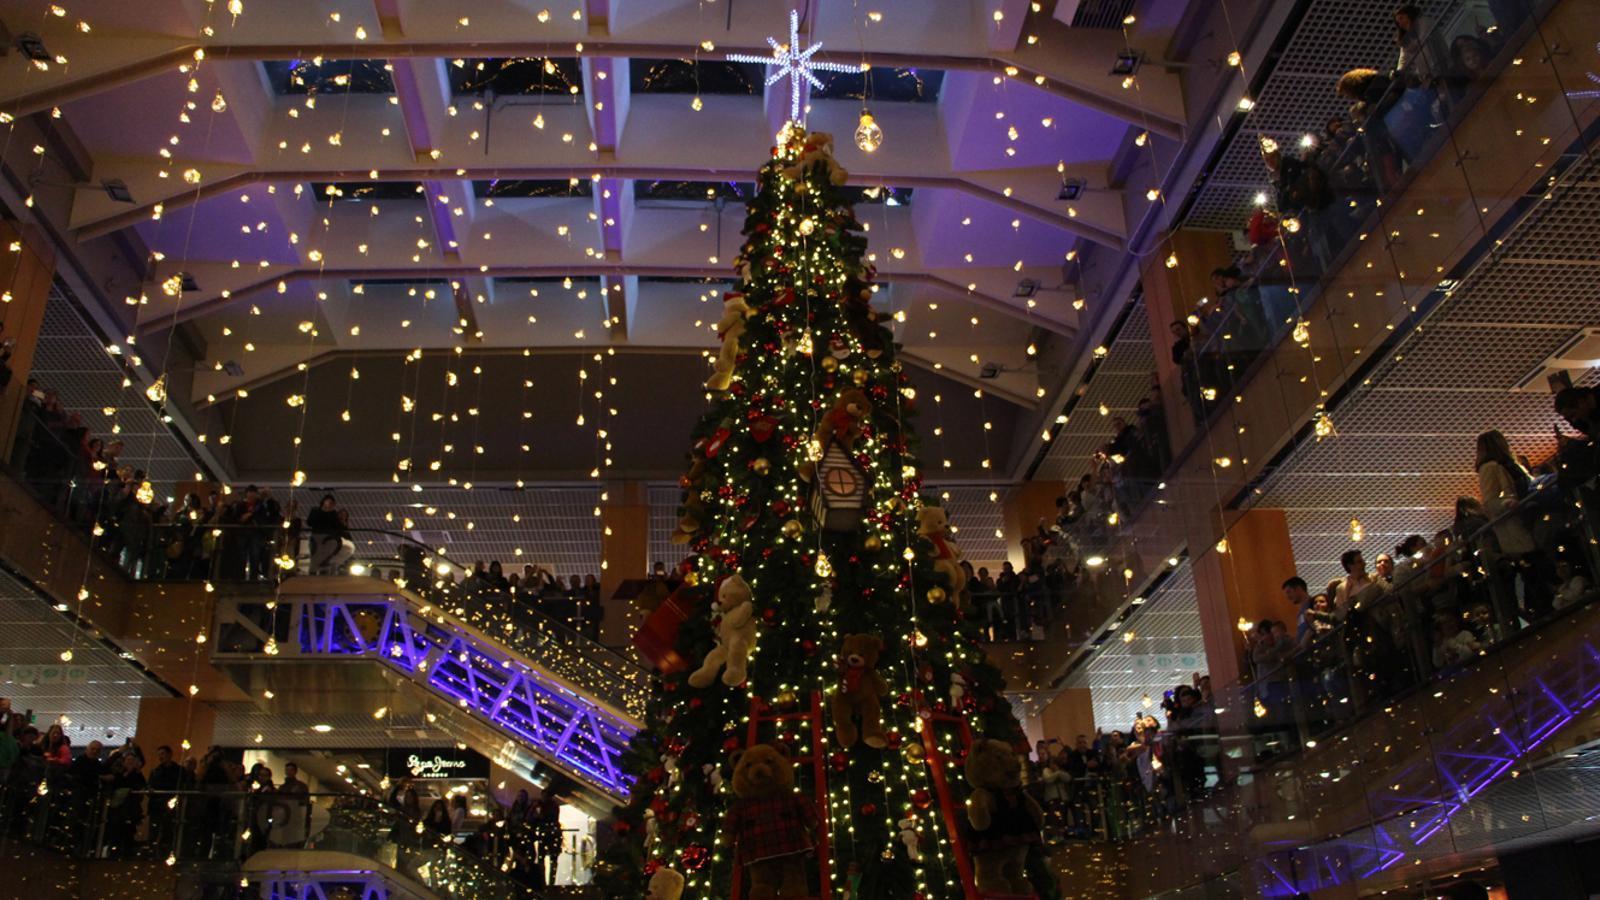 L'arbre de Nadal i els llums encesos al centre comercial illa Carlemany. / L. M. (ANA)